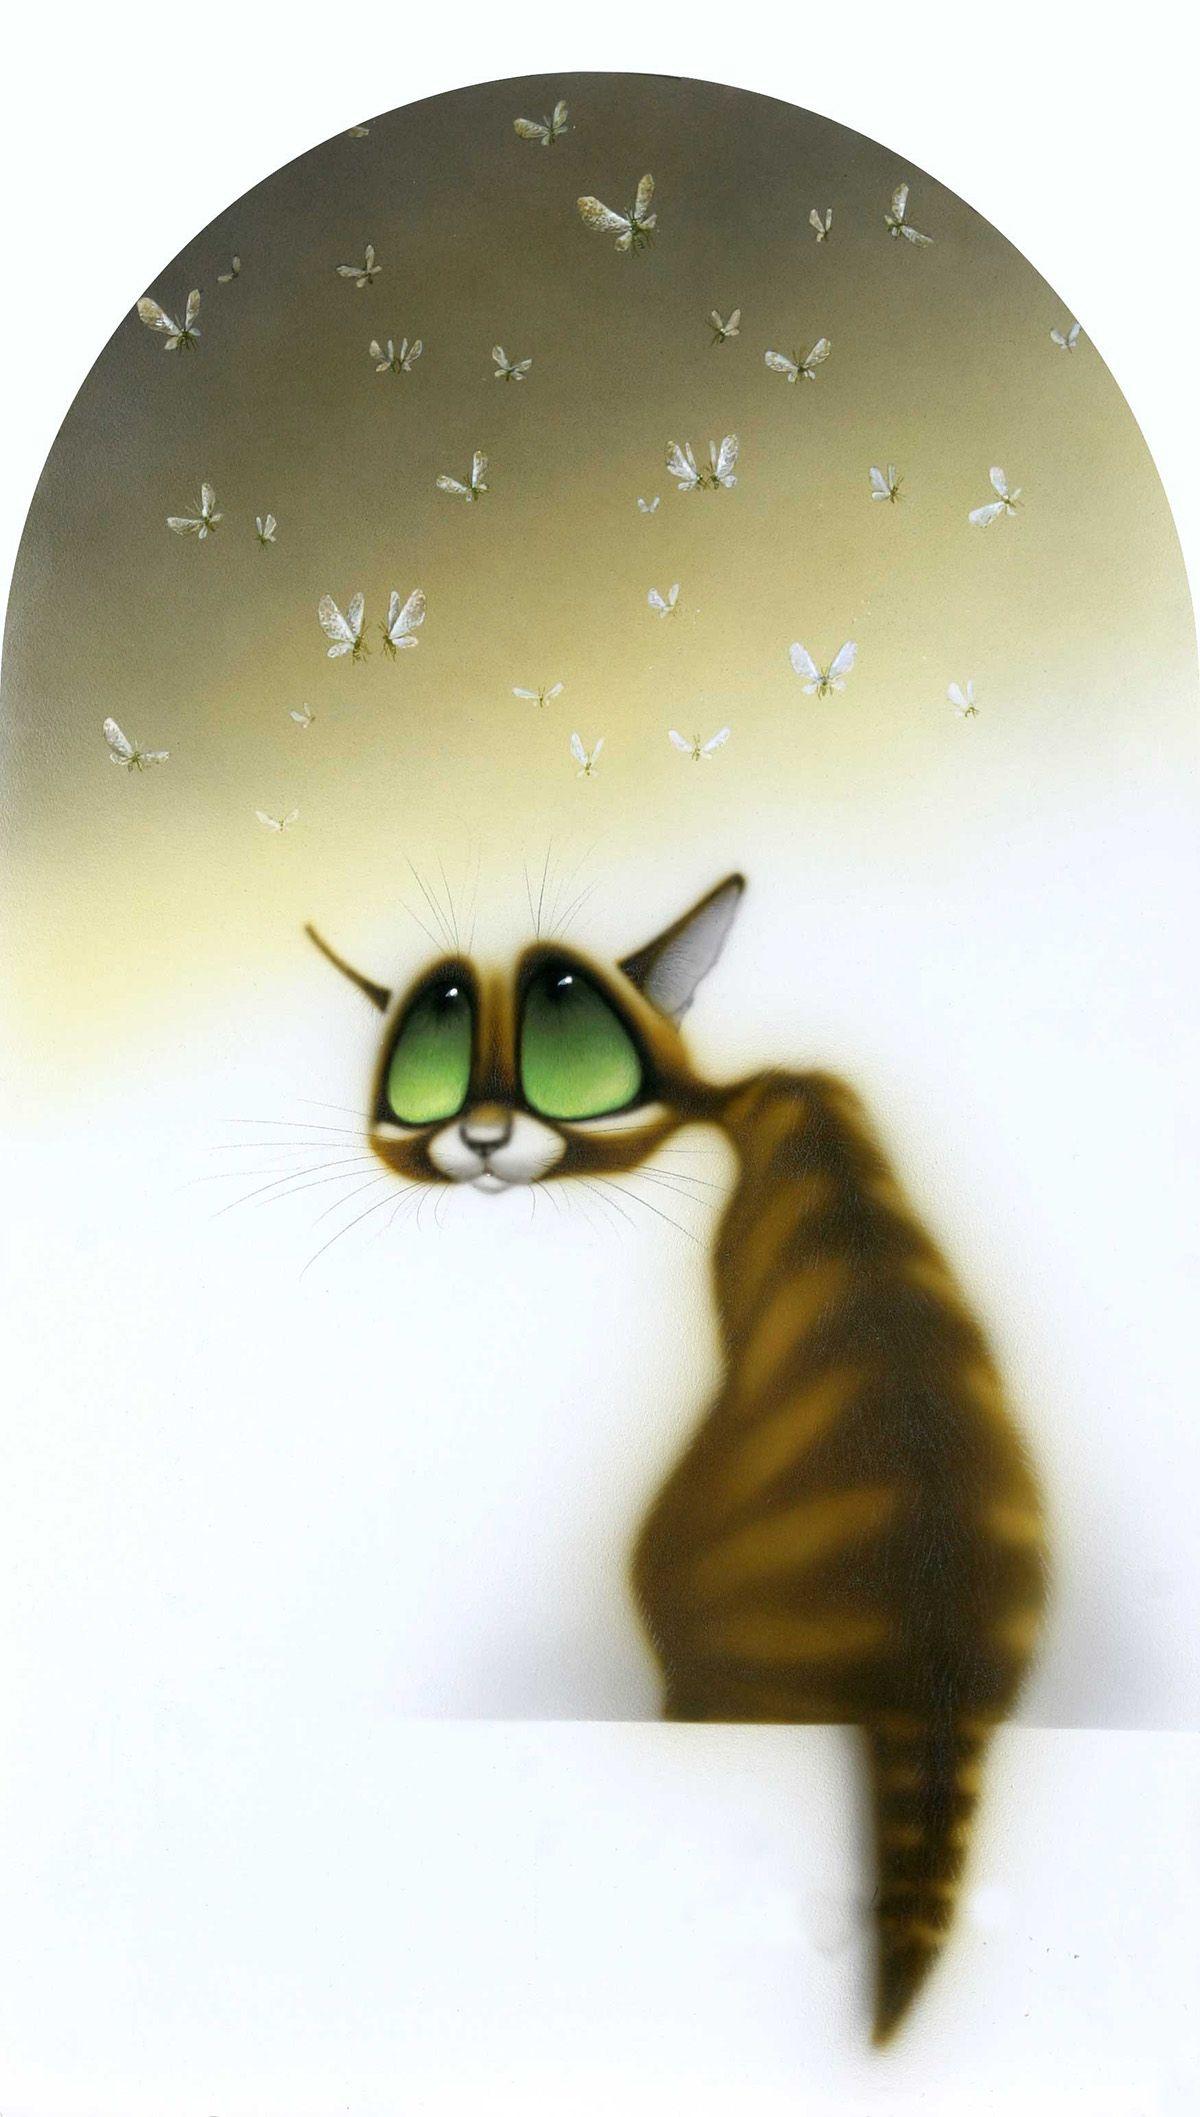 День экологии, смешные фото и рисунки кошек